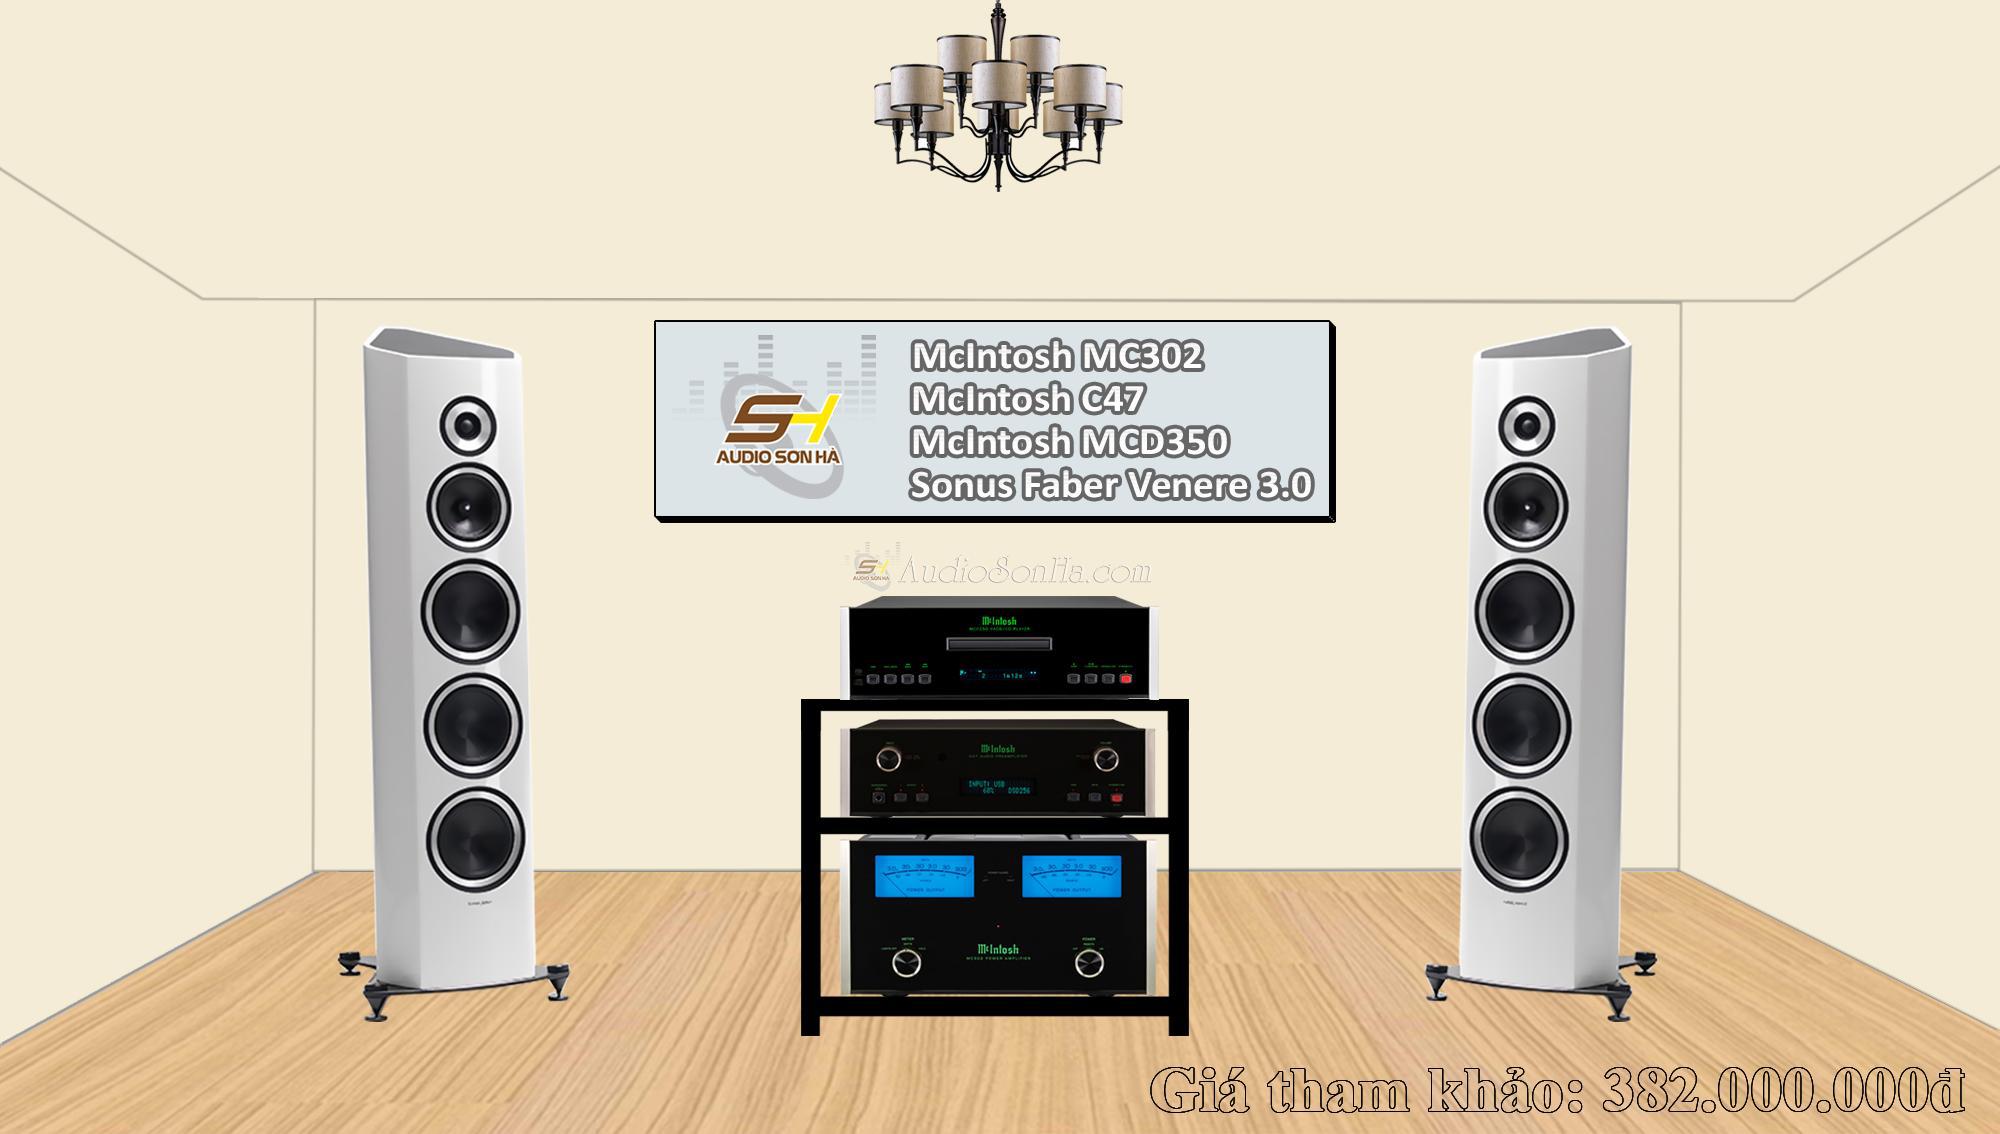 Hệ thống nghe nhạc Sonus Faber & McIntosh